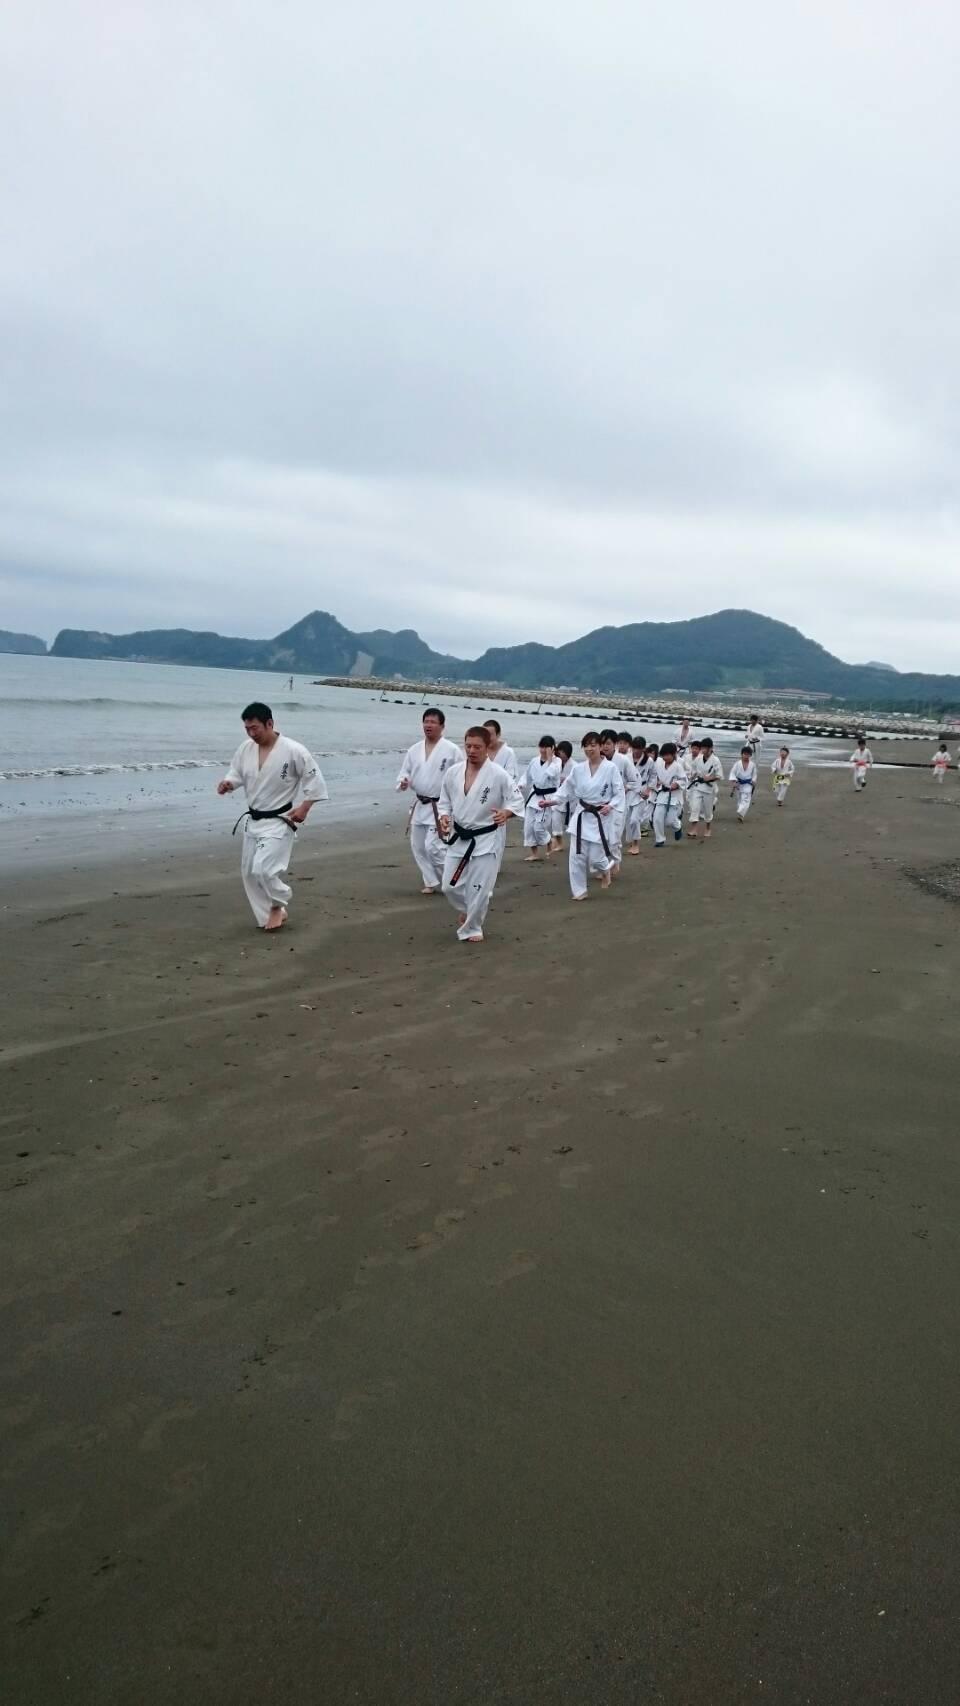 http://www.kyokushin-chibaminami.com/images/1473062374393.jpg